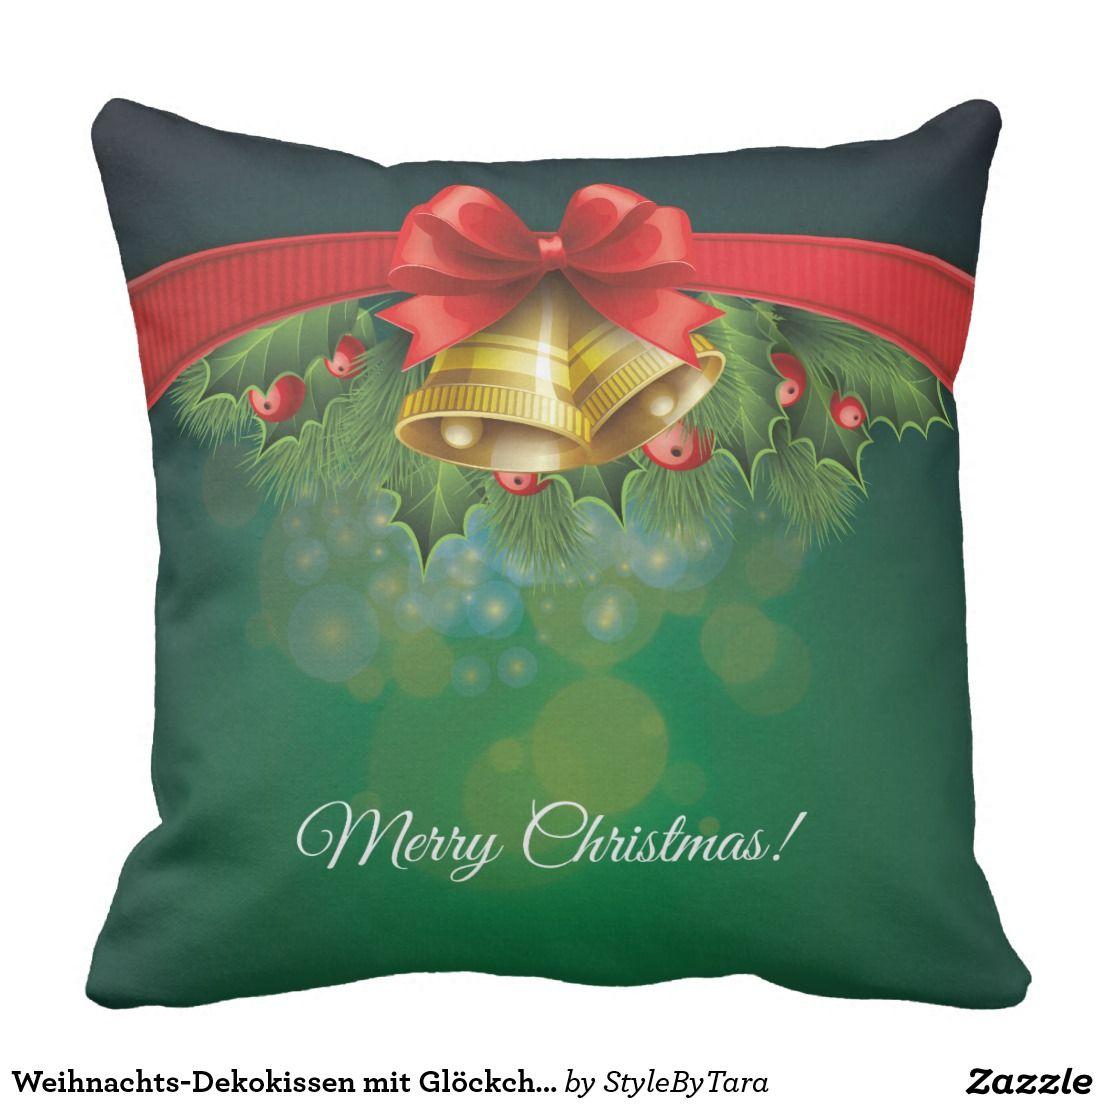 Weihnachts-Dekokissen mit Glöckchen Kissen